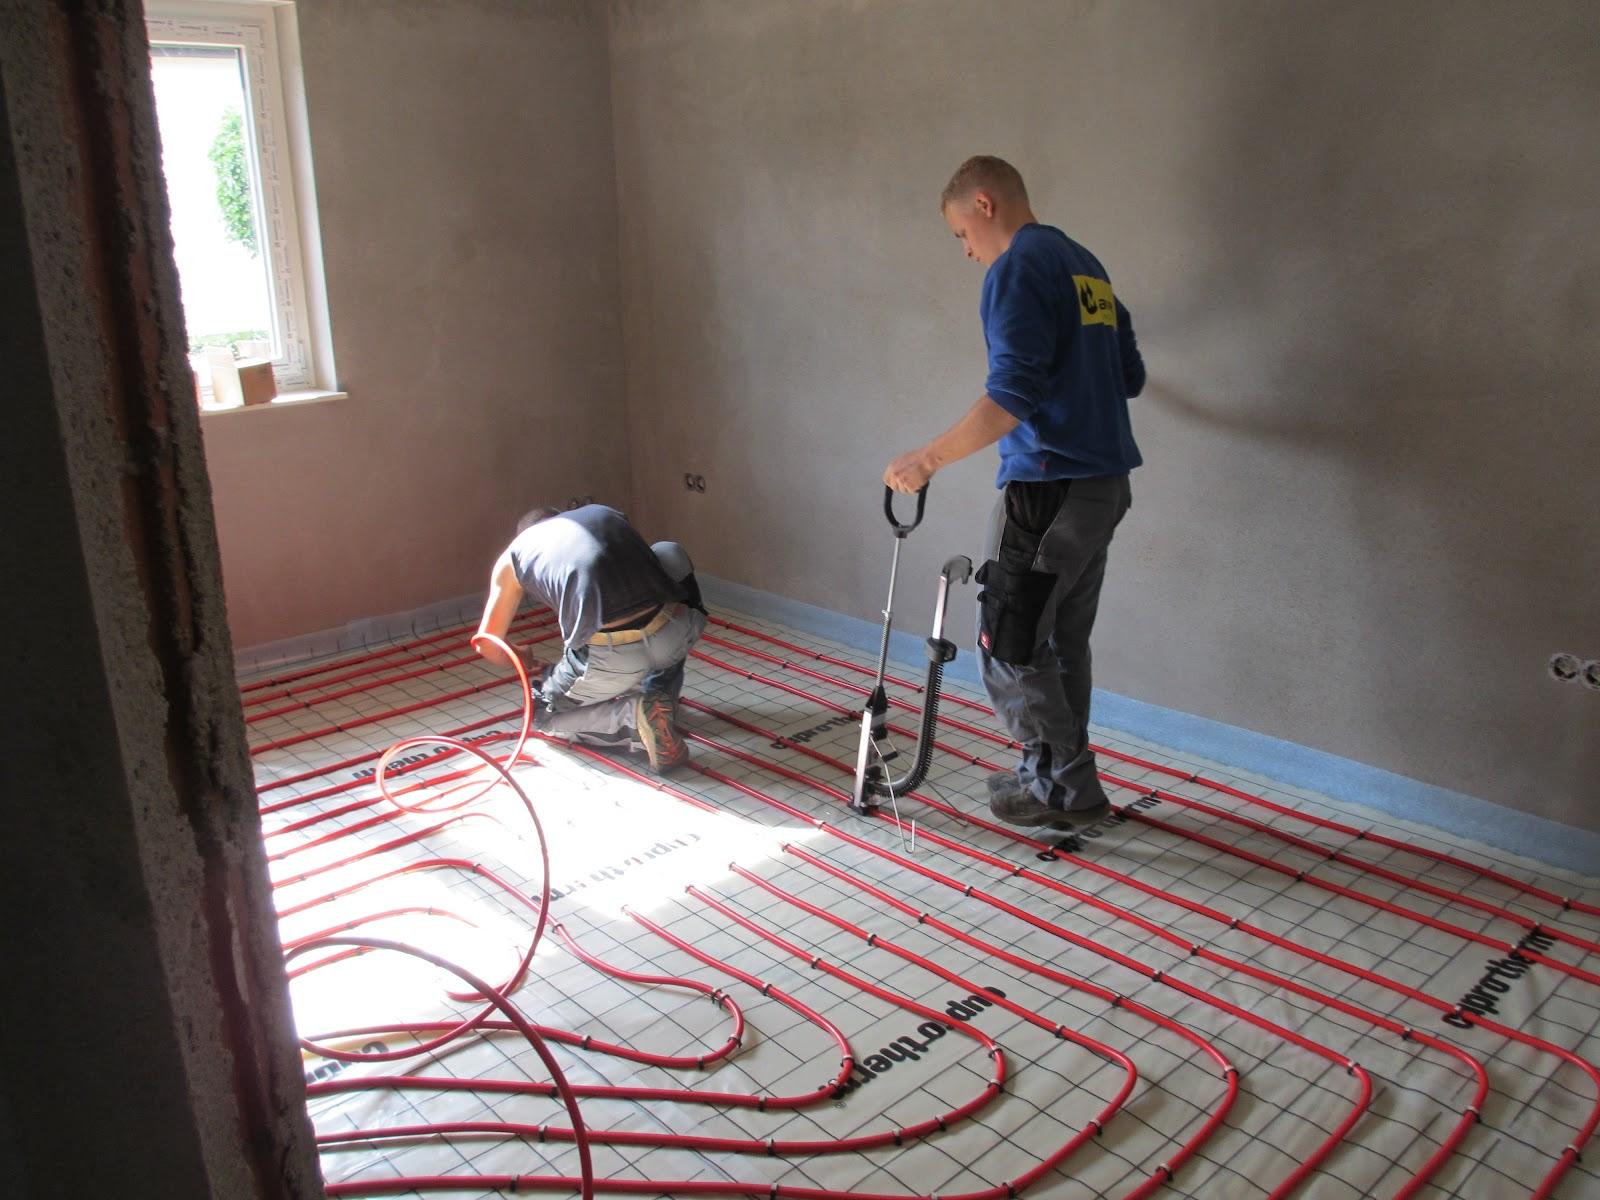 Dämmung Fußboden Rohre ~ Fußbodenheizung sorgfältig verlegt? die alten bauen ihren ruhesitz!